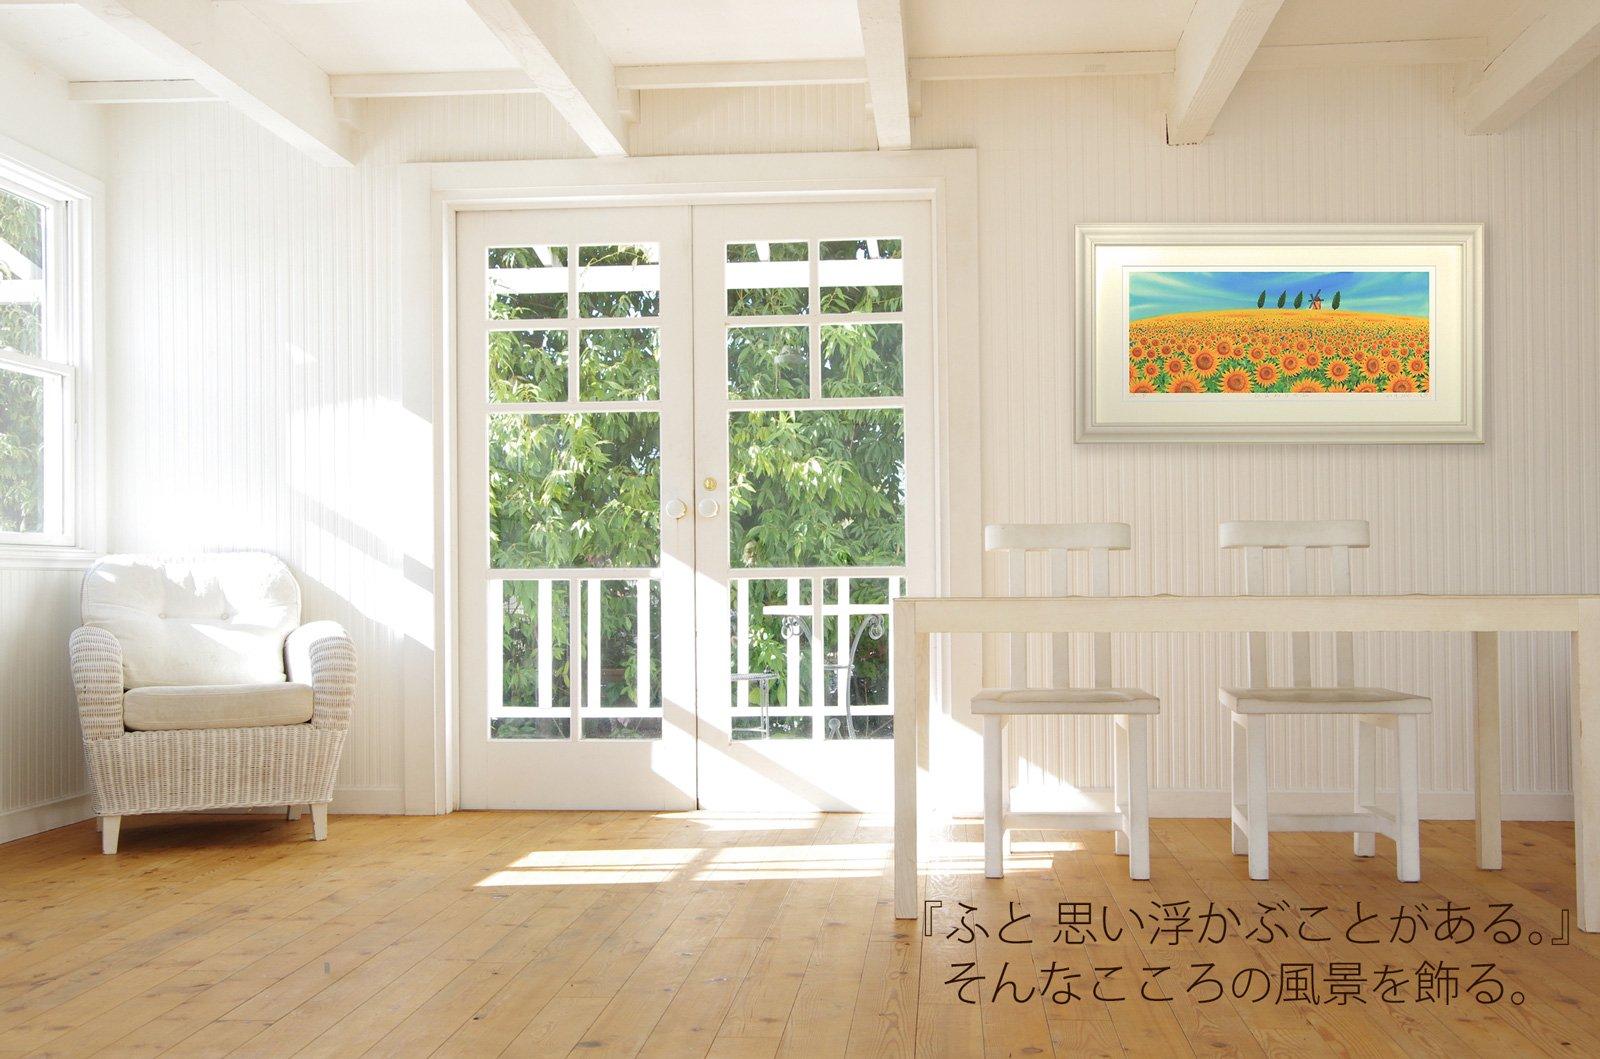 《絵画 水彩画》虹3〔栗乃木ハルミ くりのきはるみ 〕